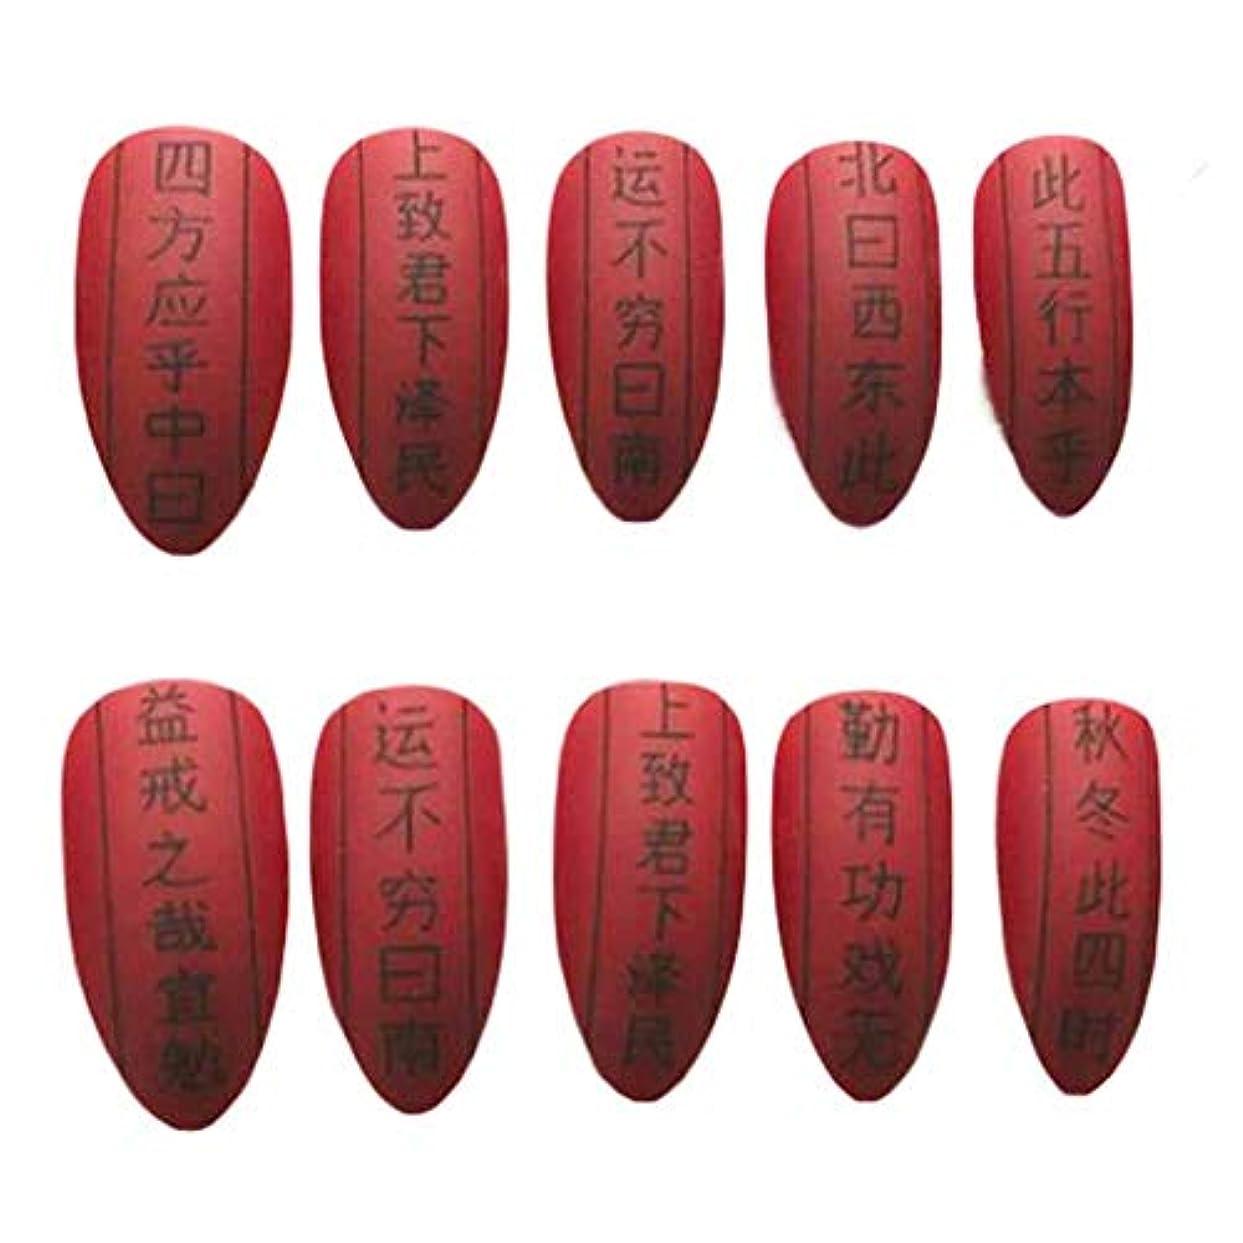 試みセットアップ牛肉三字経 - 赤い偽の指爪人工爪の装飾の爪のヒント